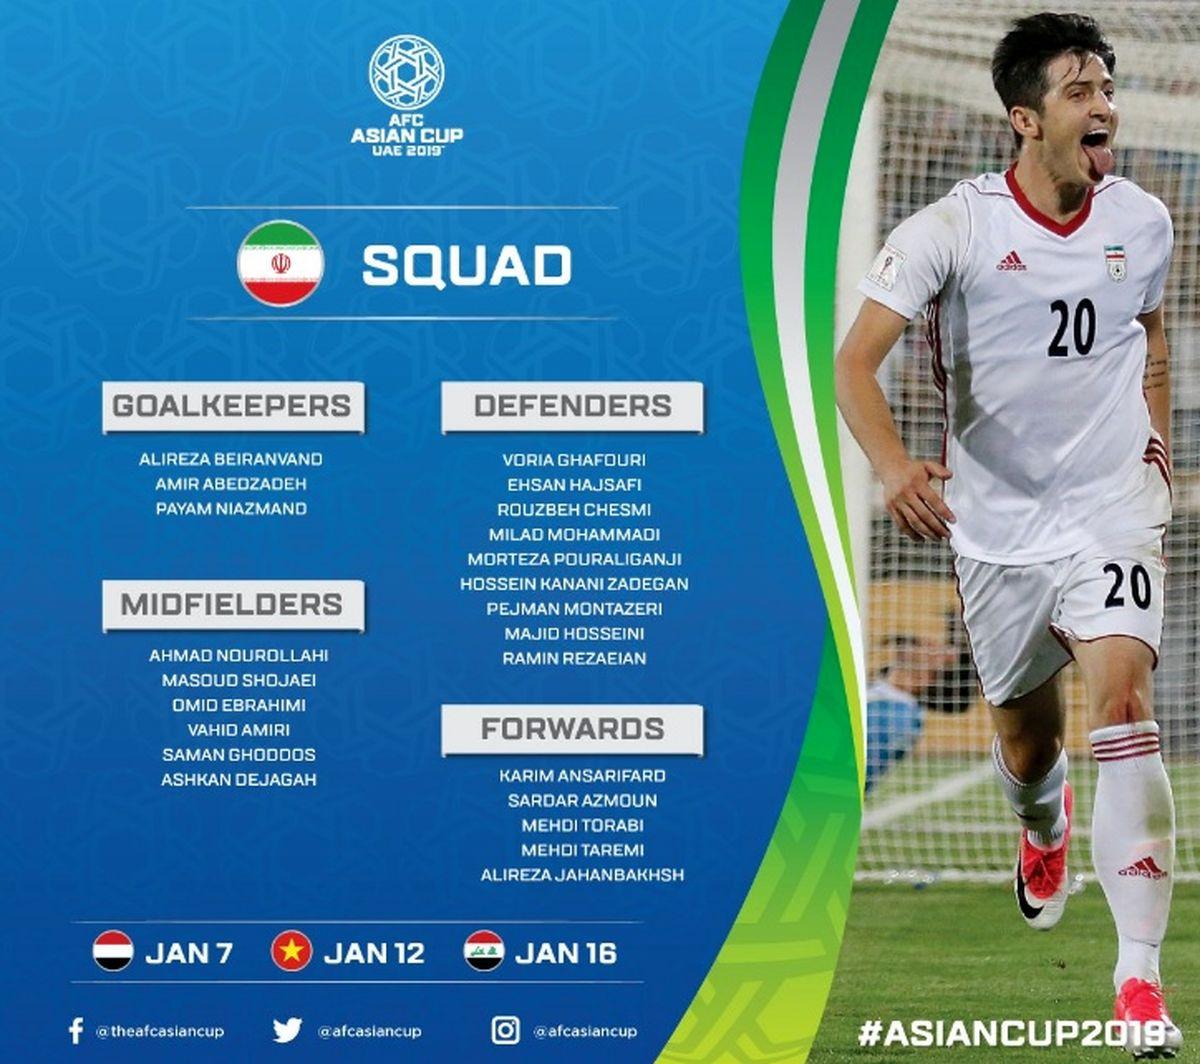 لیست نهایی بازیکنان تیم ملی فوتبال برای جام ملتهای آسیا + عکس